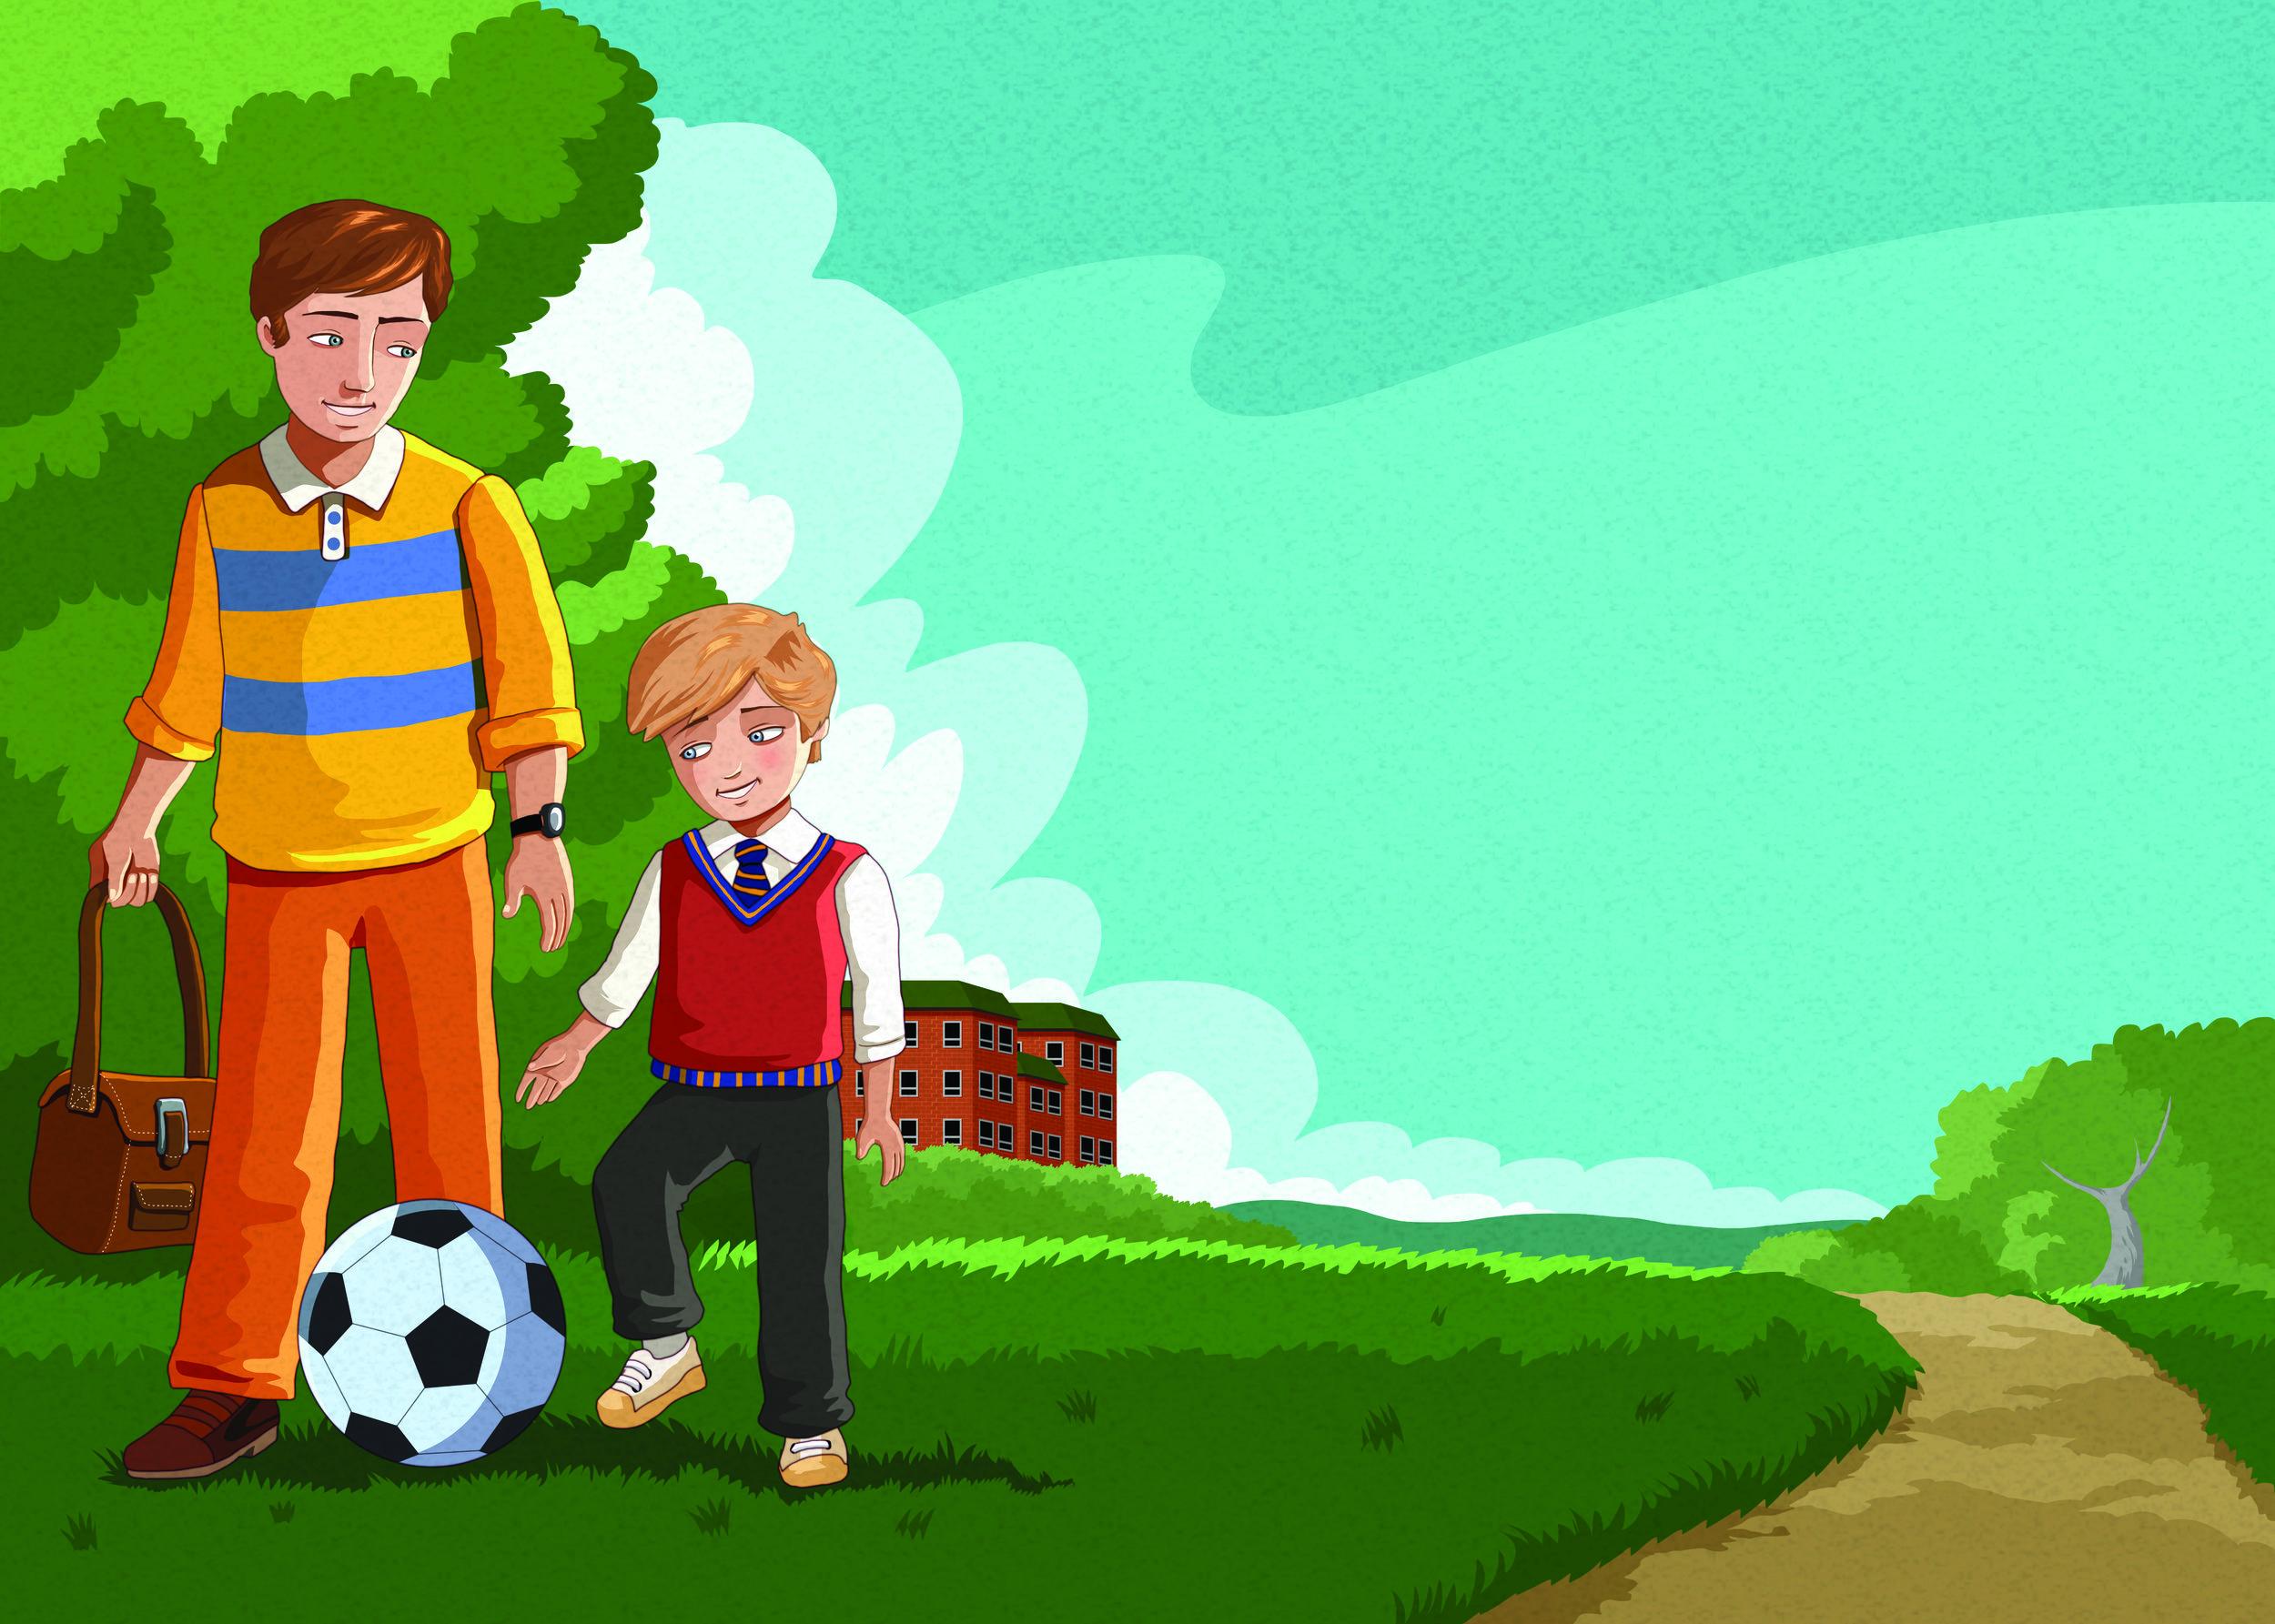 Football_Freddie_1.jpg